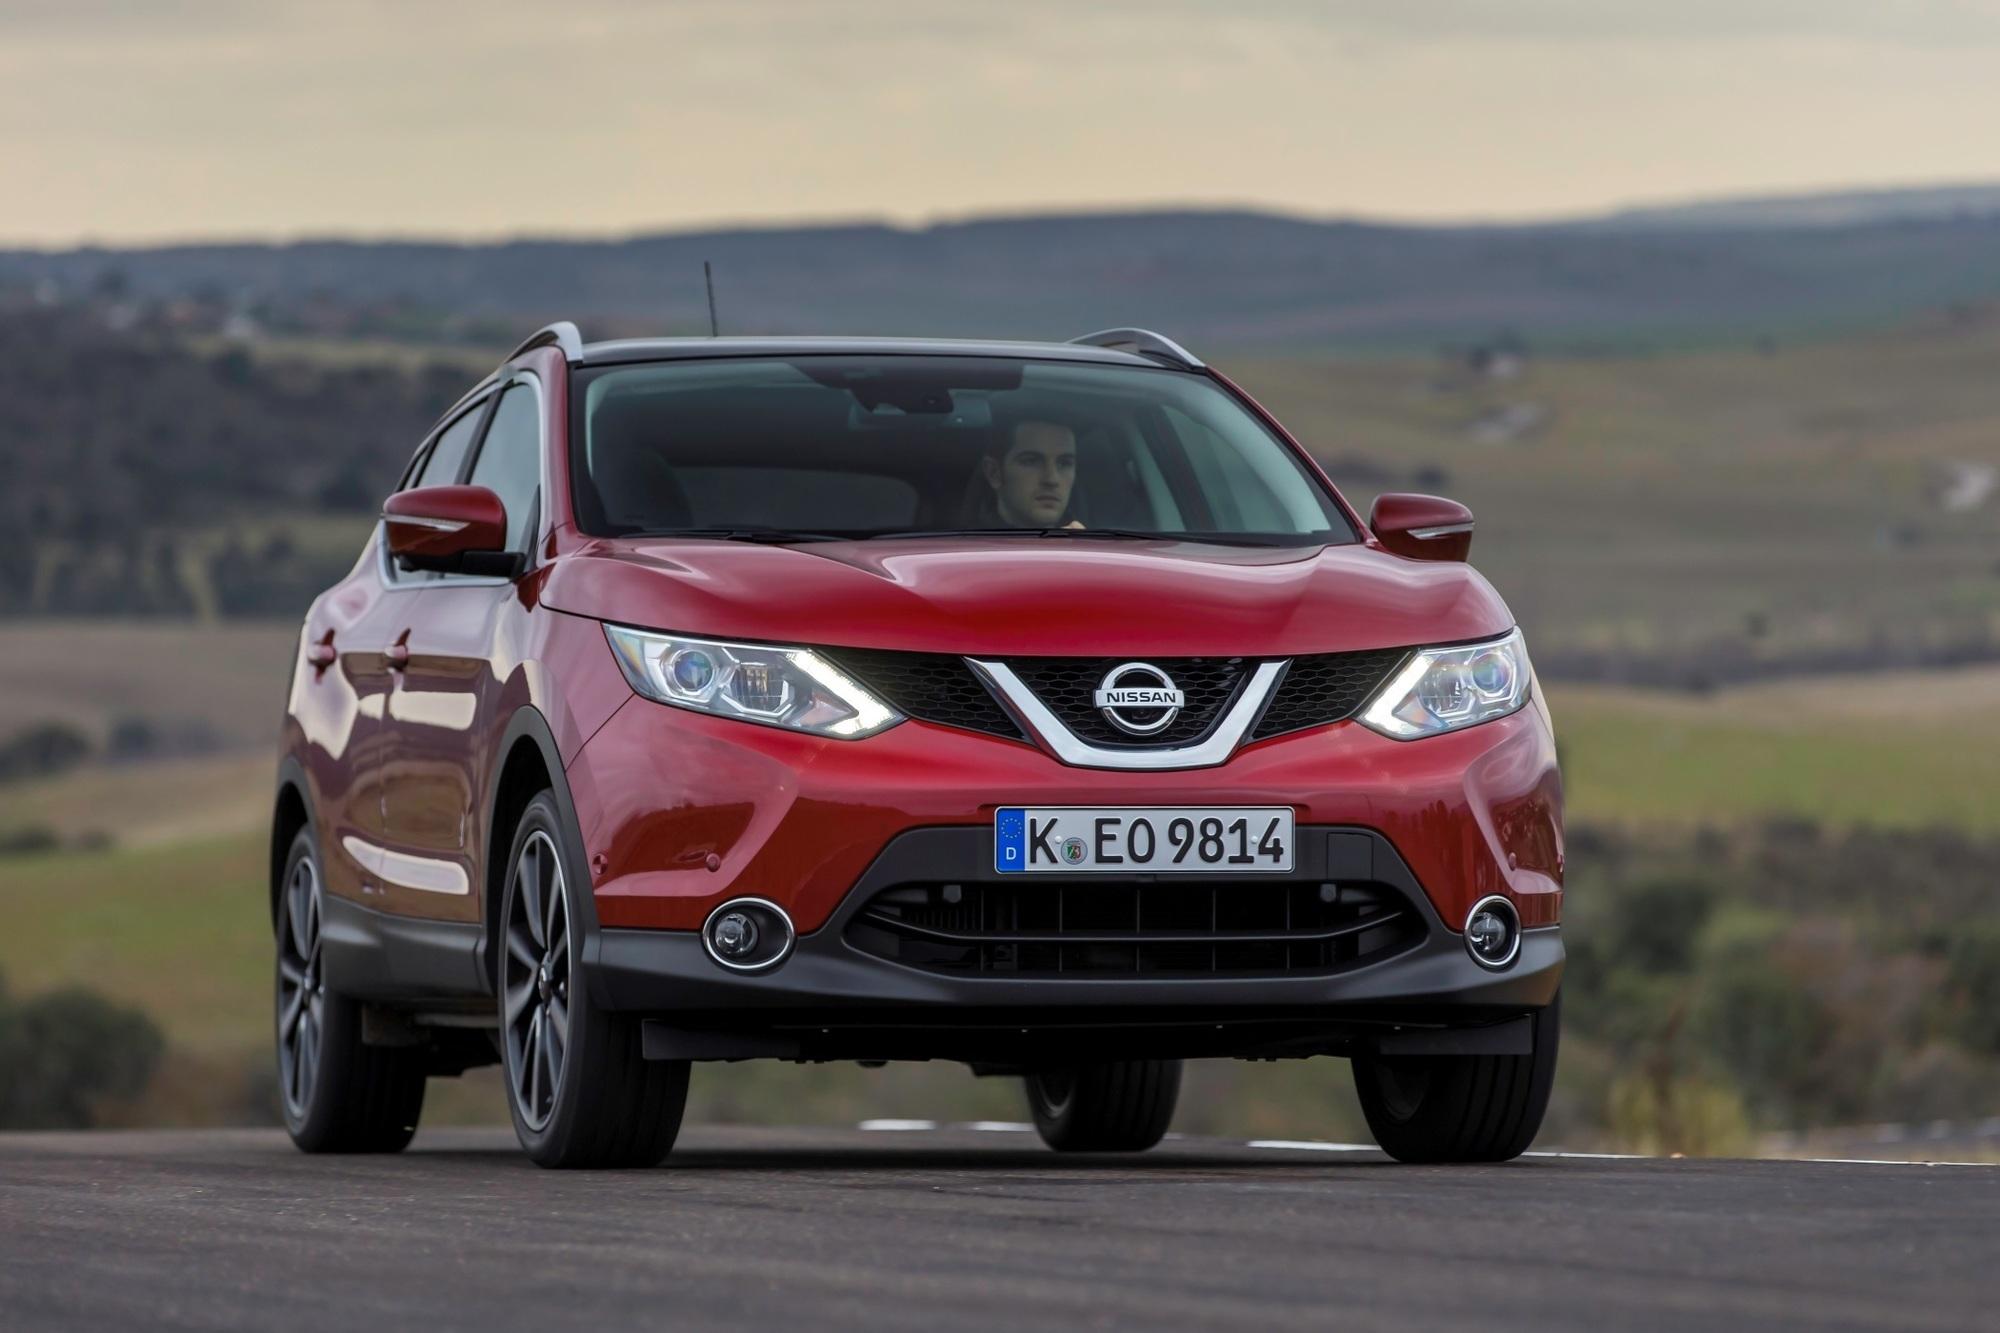 Test: Nissan Qashqai 1.5 dCi - Der Pkw unter den SUV